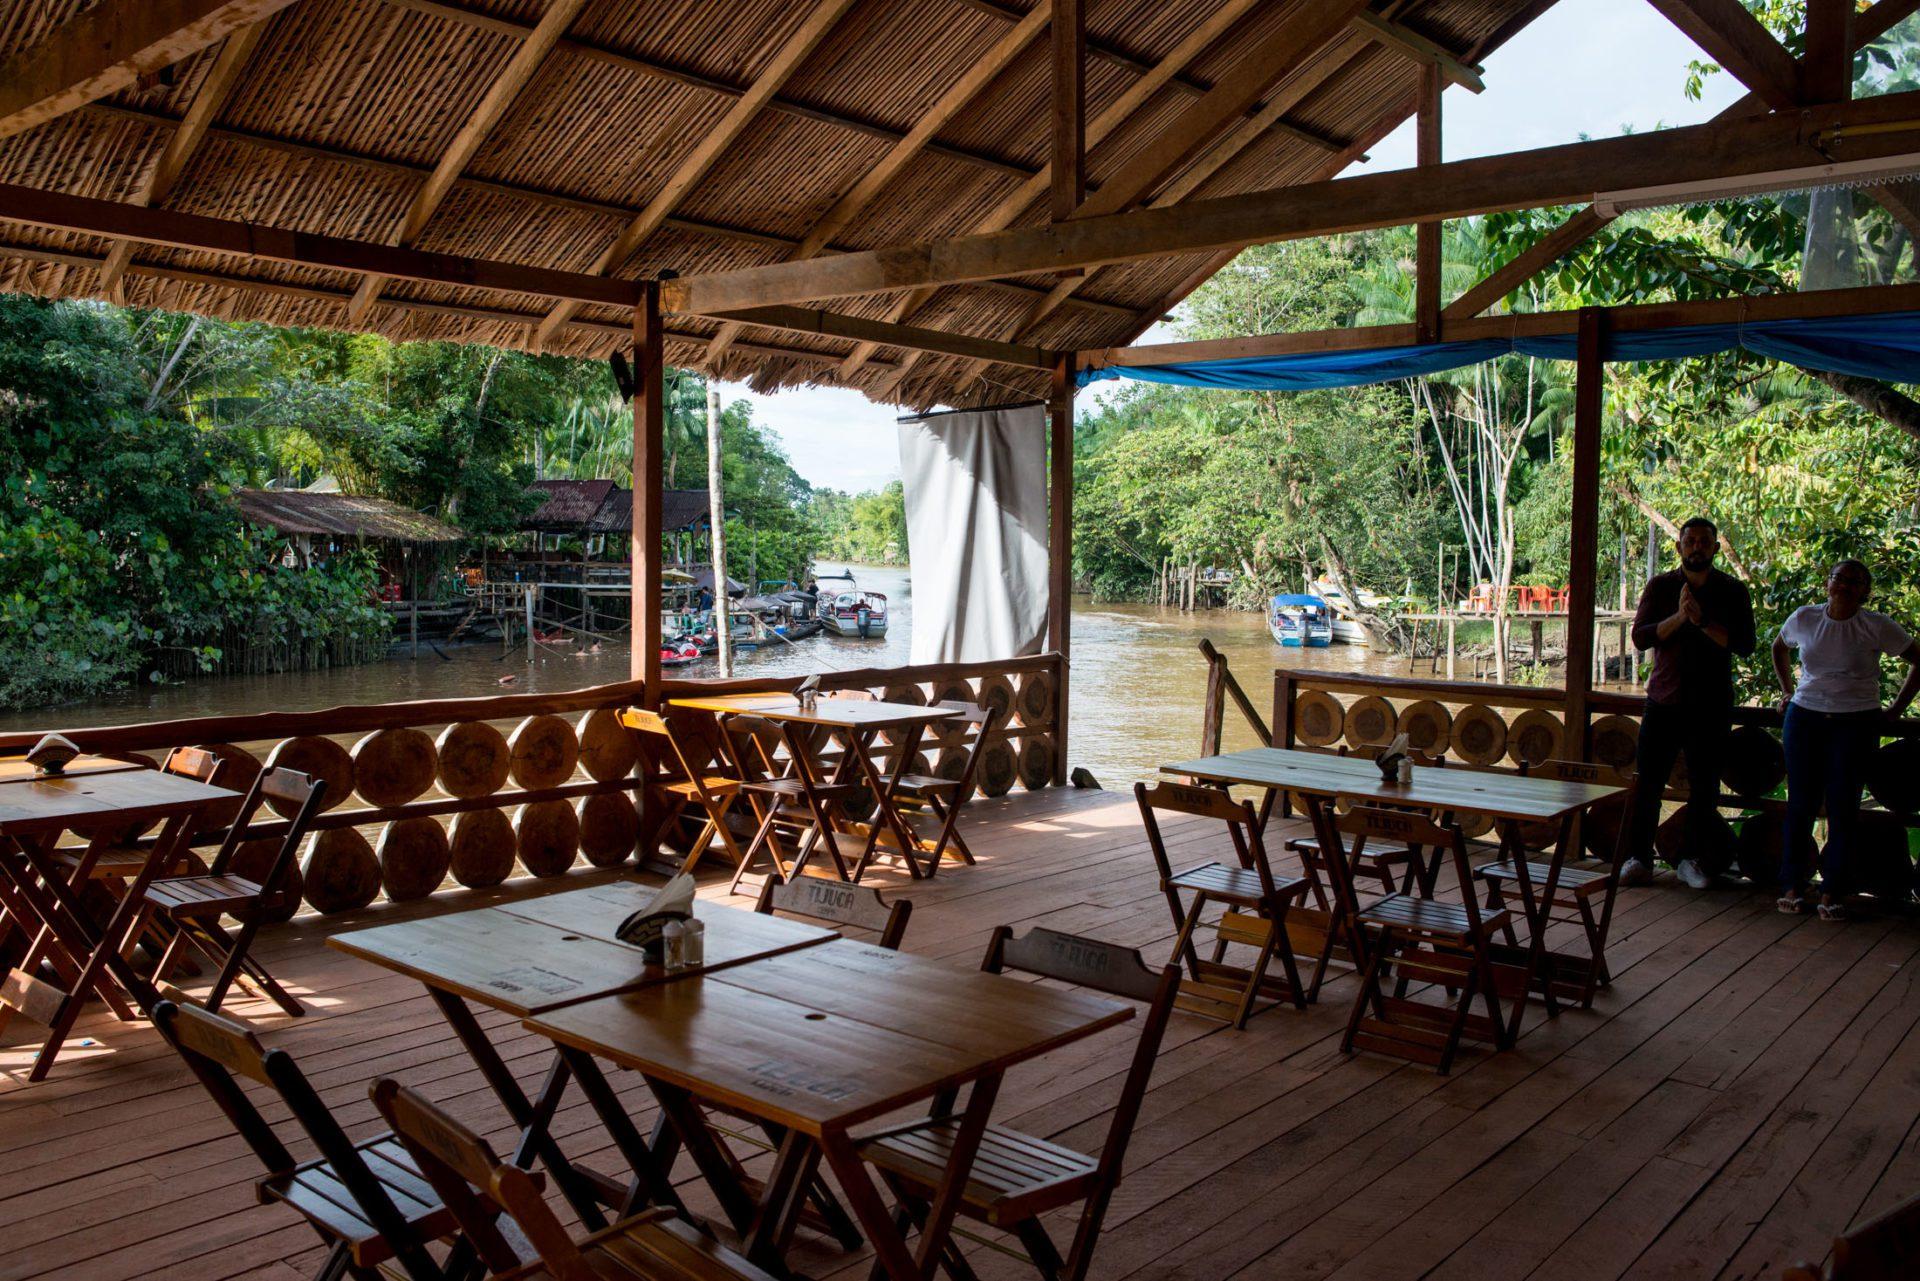 Restaurante Aho - Belém das Ilhas